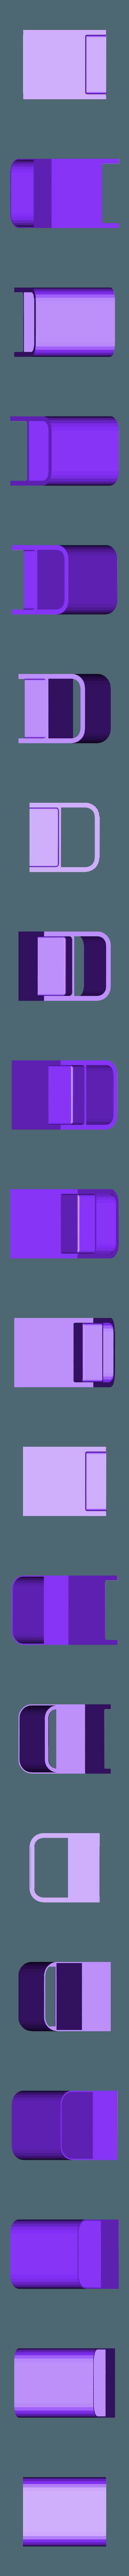 cont gr_part2.stl Télécharger fichier STL organisateur de cuisine • Objet pour imprimante 3D, gairos